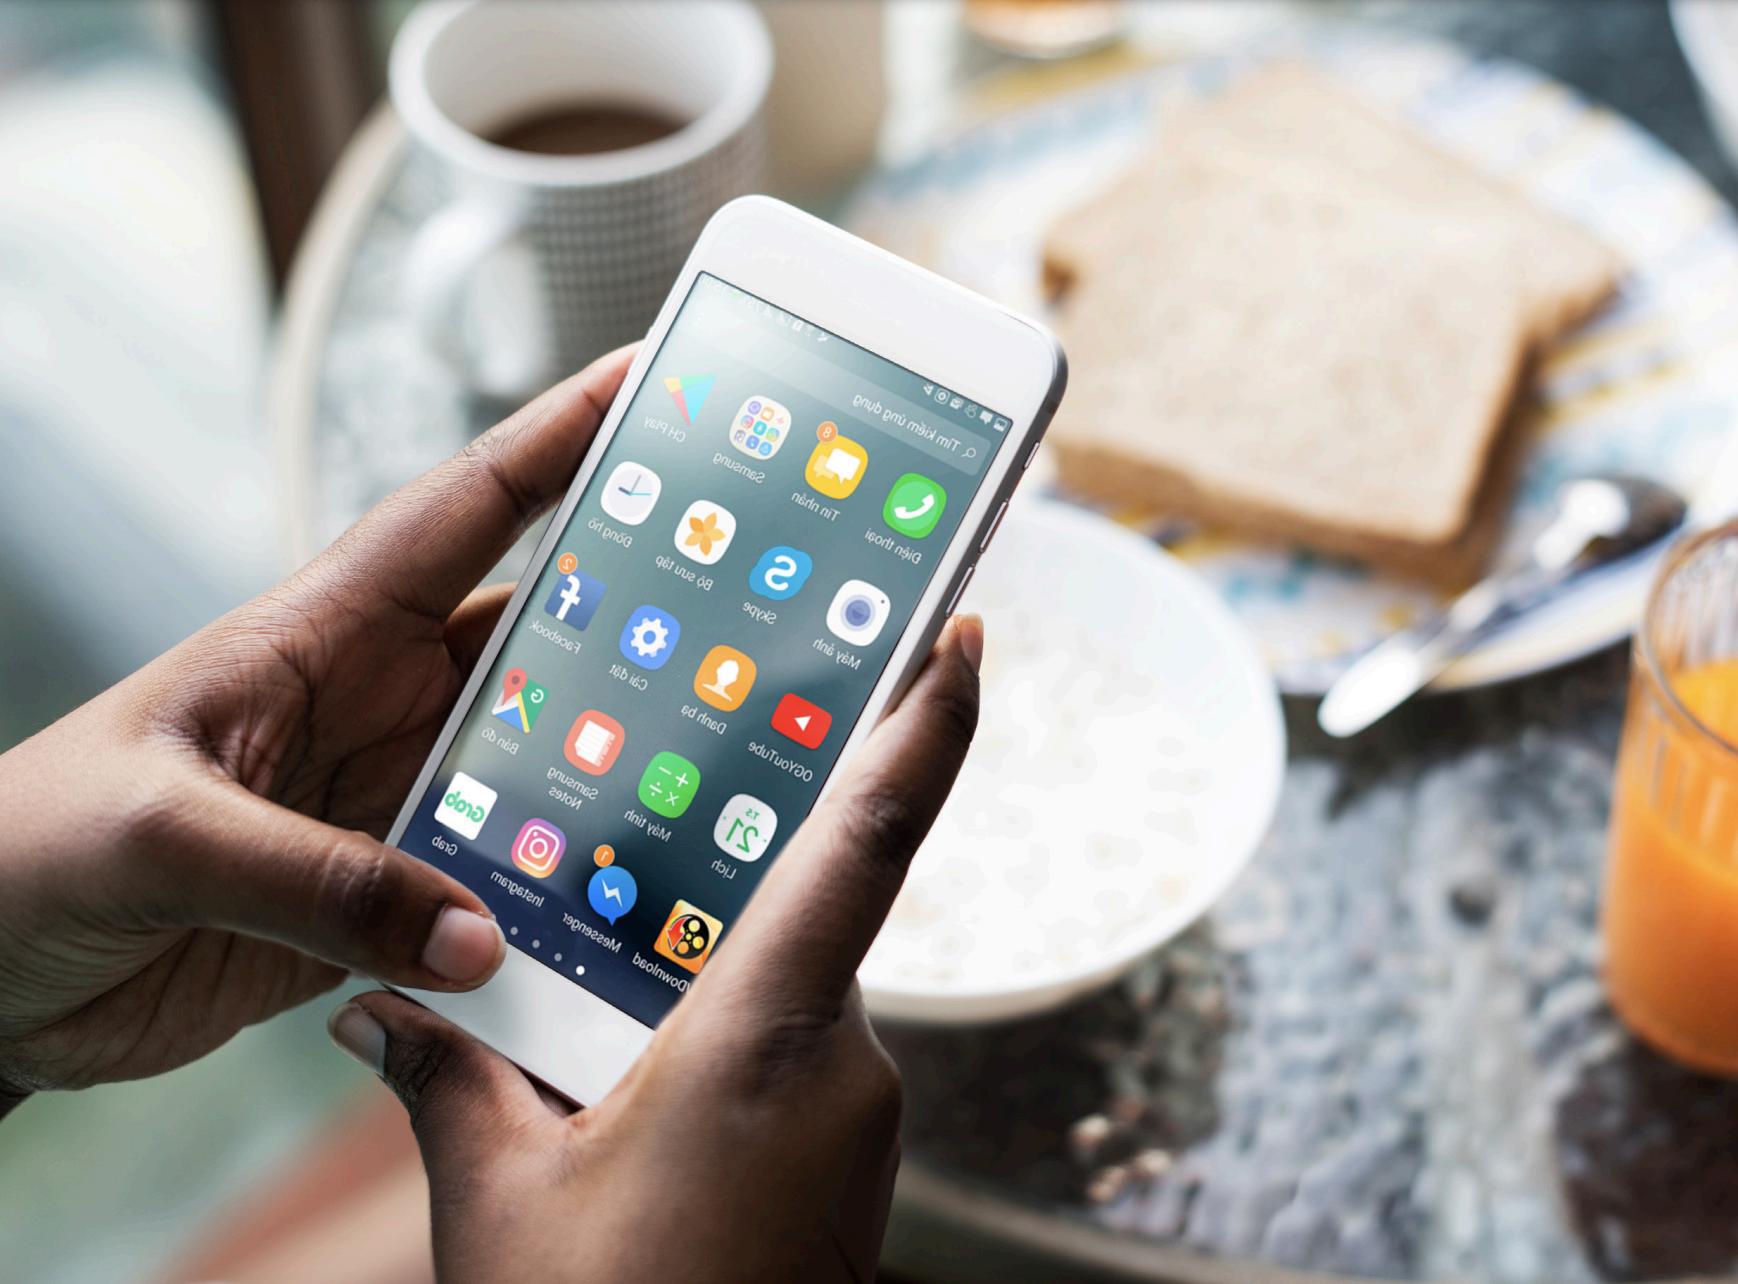 Việt Nam hiện có khoảng 70% dân số sử dụng điện thoại thông minh, tương đương với tỉ lệ người sử dụng Internet. Ảnh: Appota